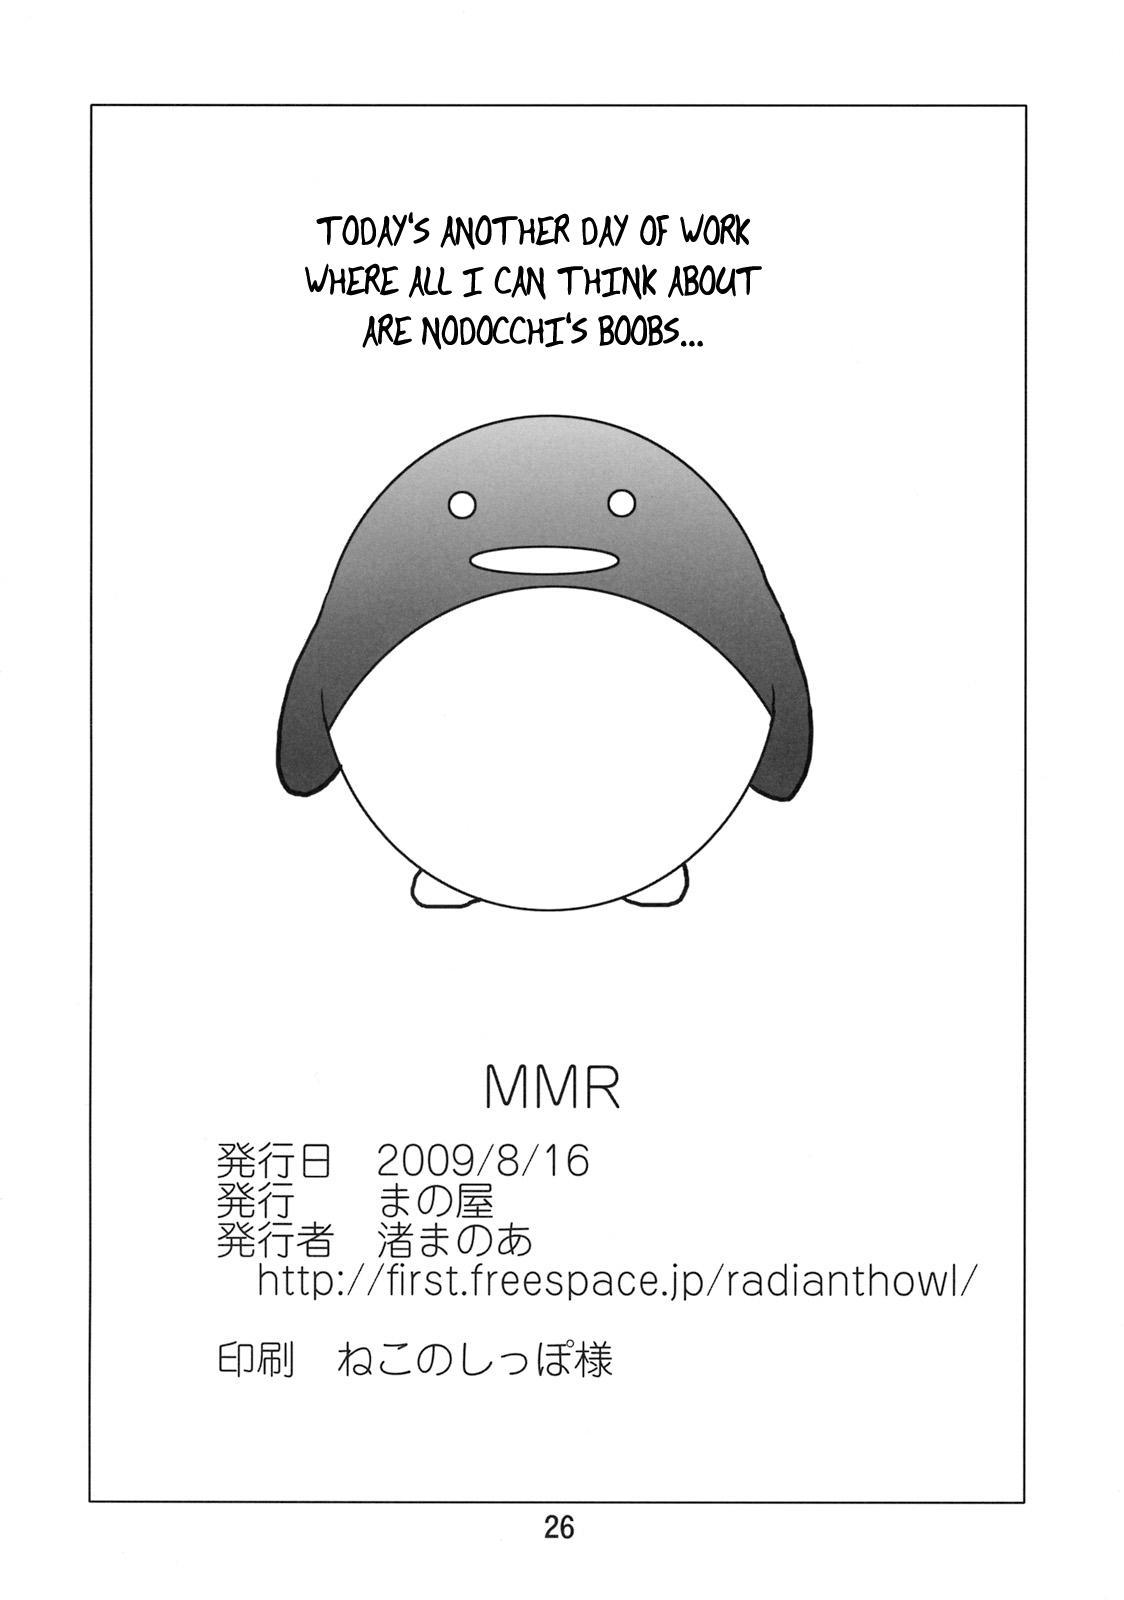 MMR 24